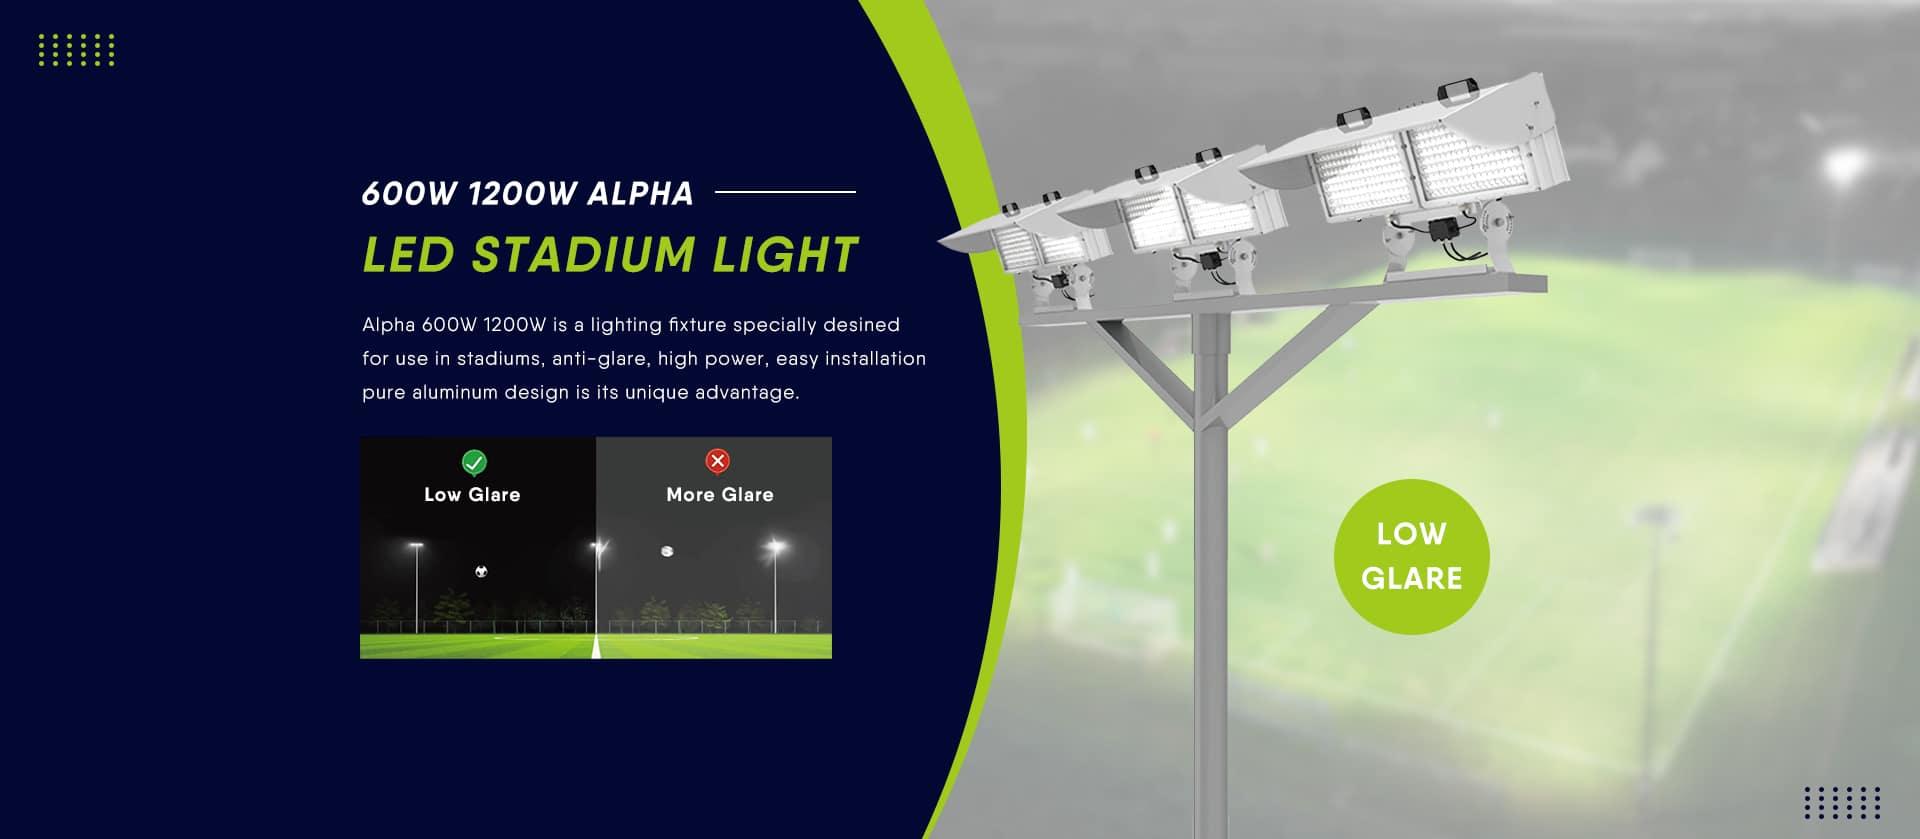 Low Glare LED Stadium Light